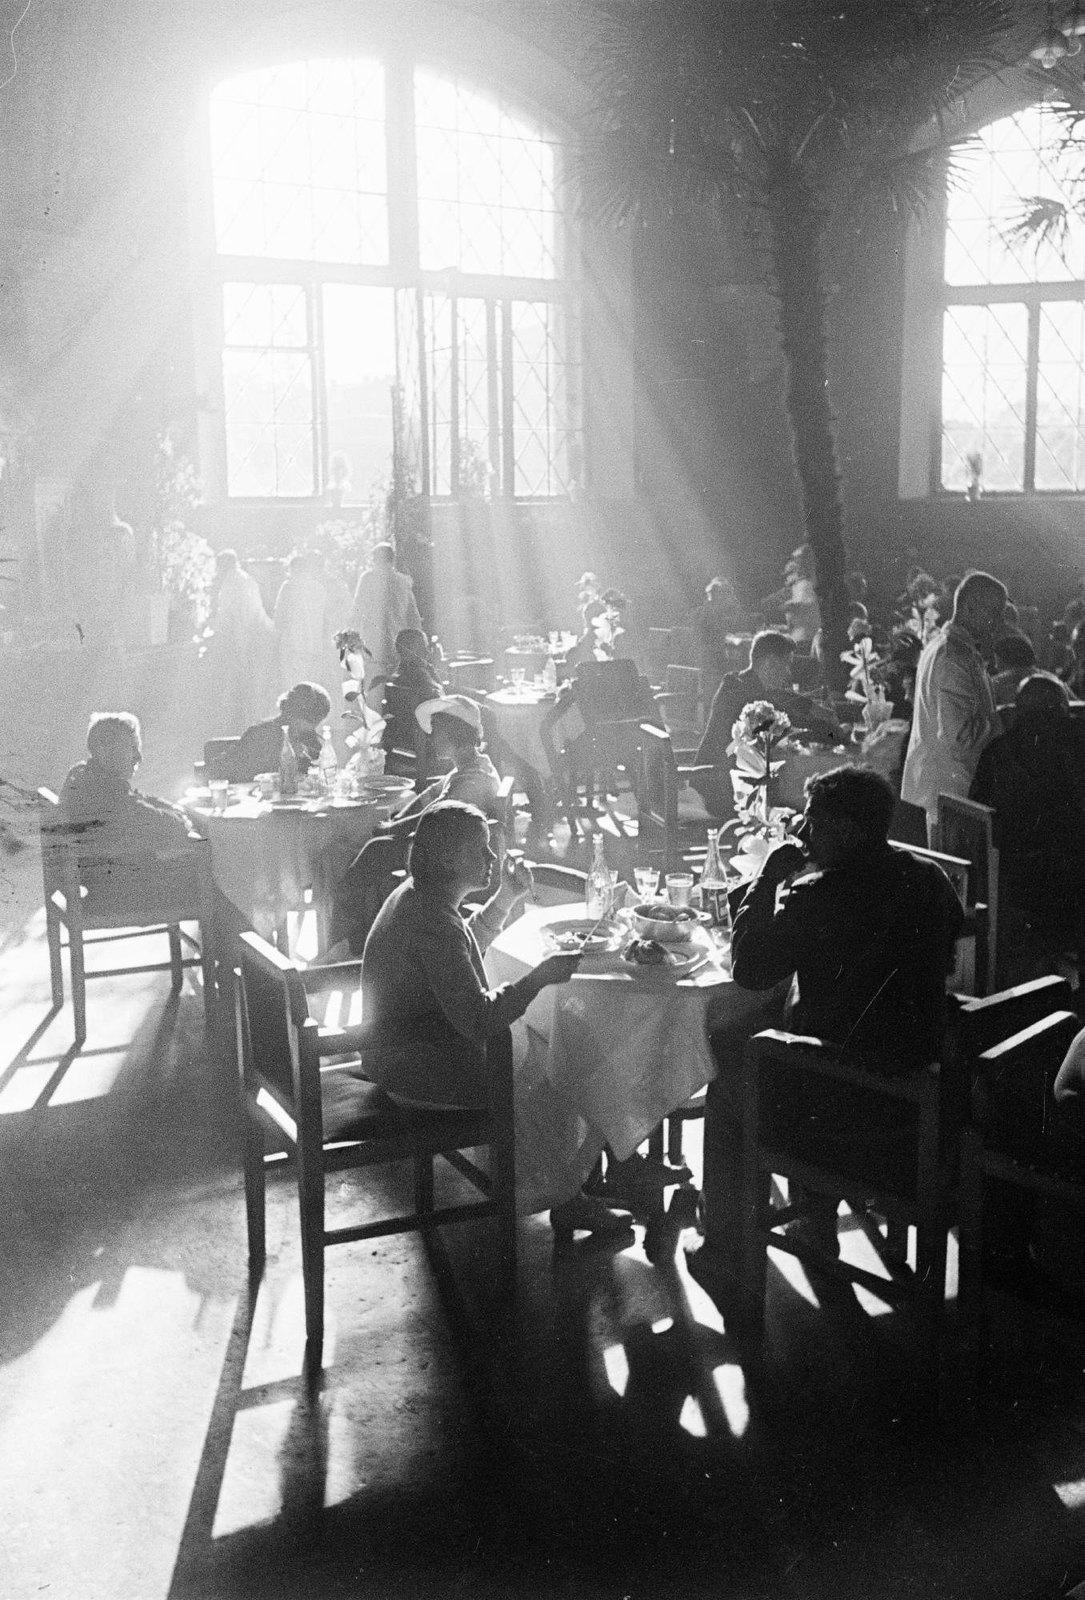 1937. Рабочее кафе. Лучи (Ресторан Казанского вокзала)